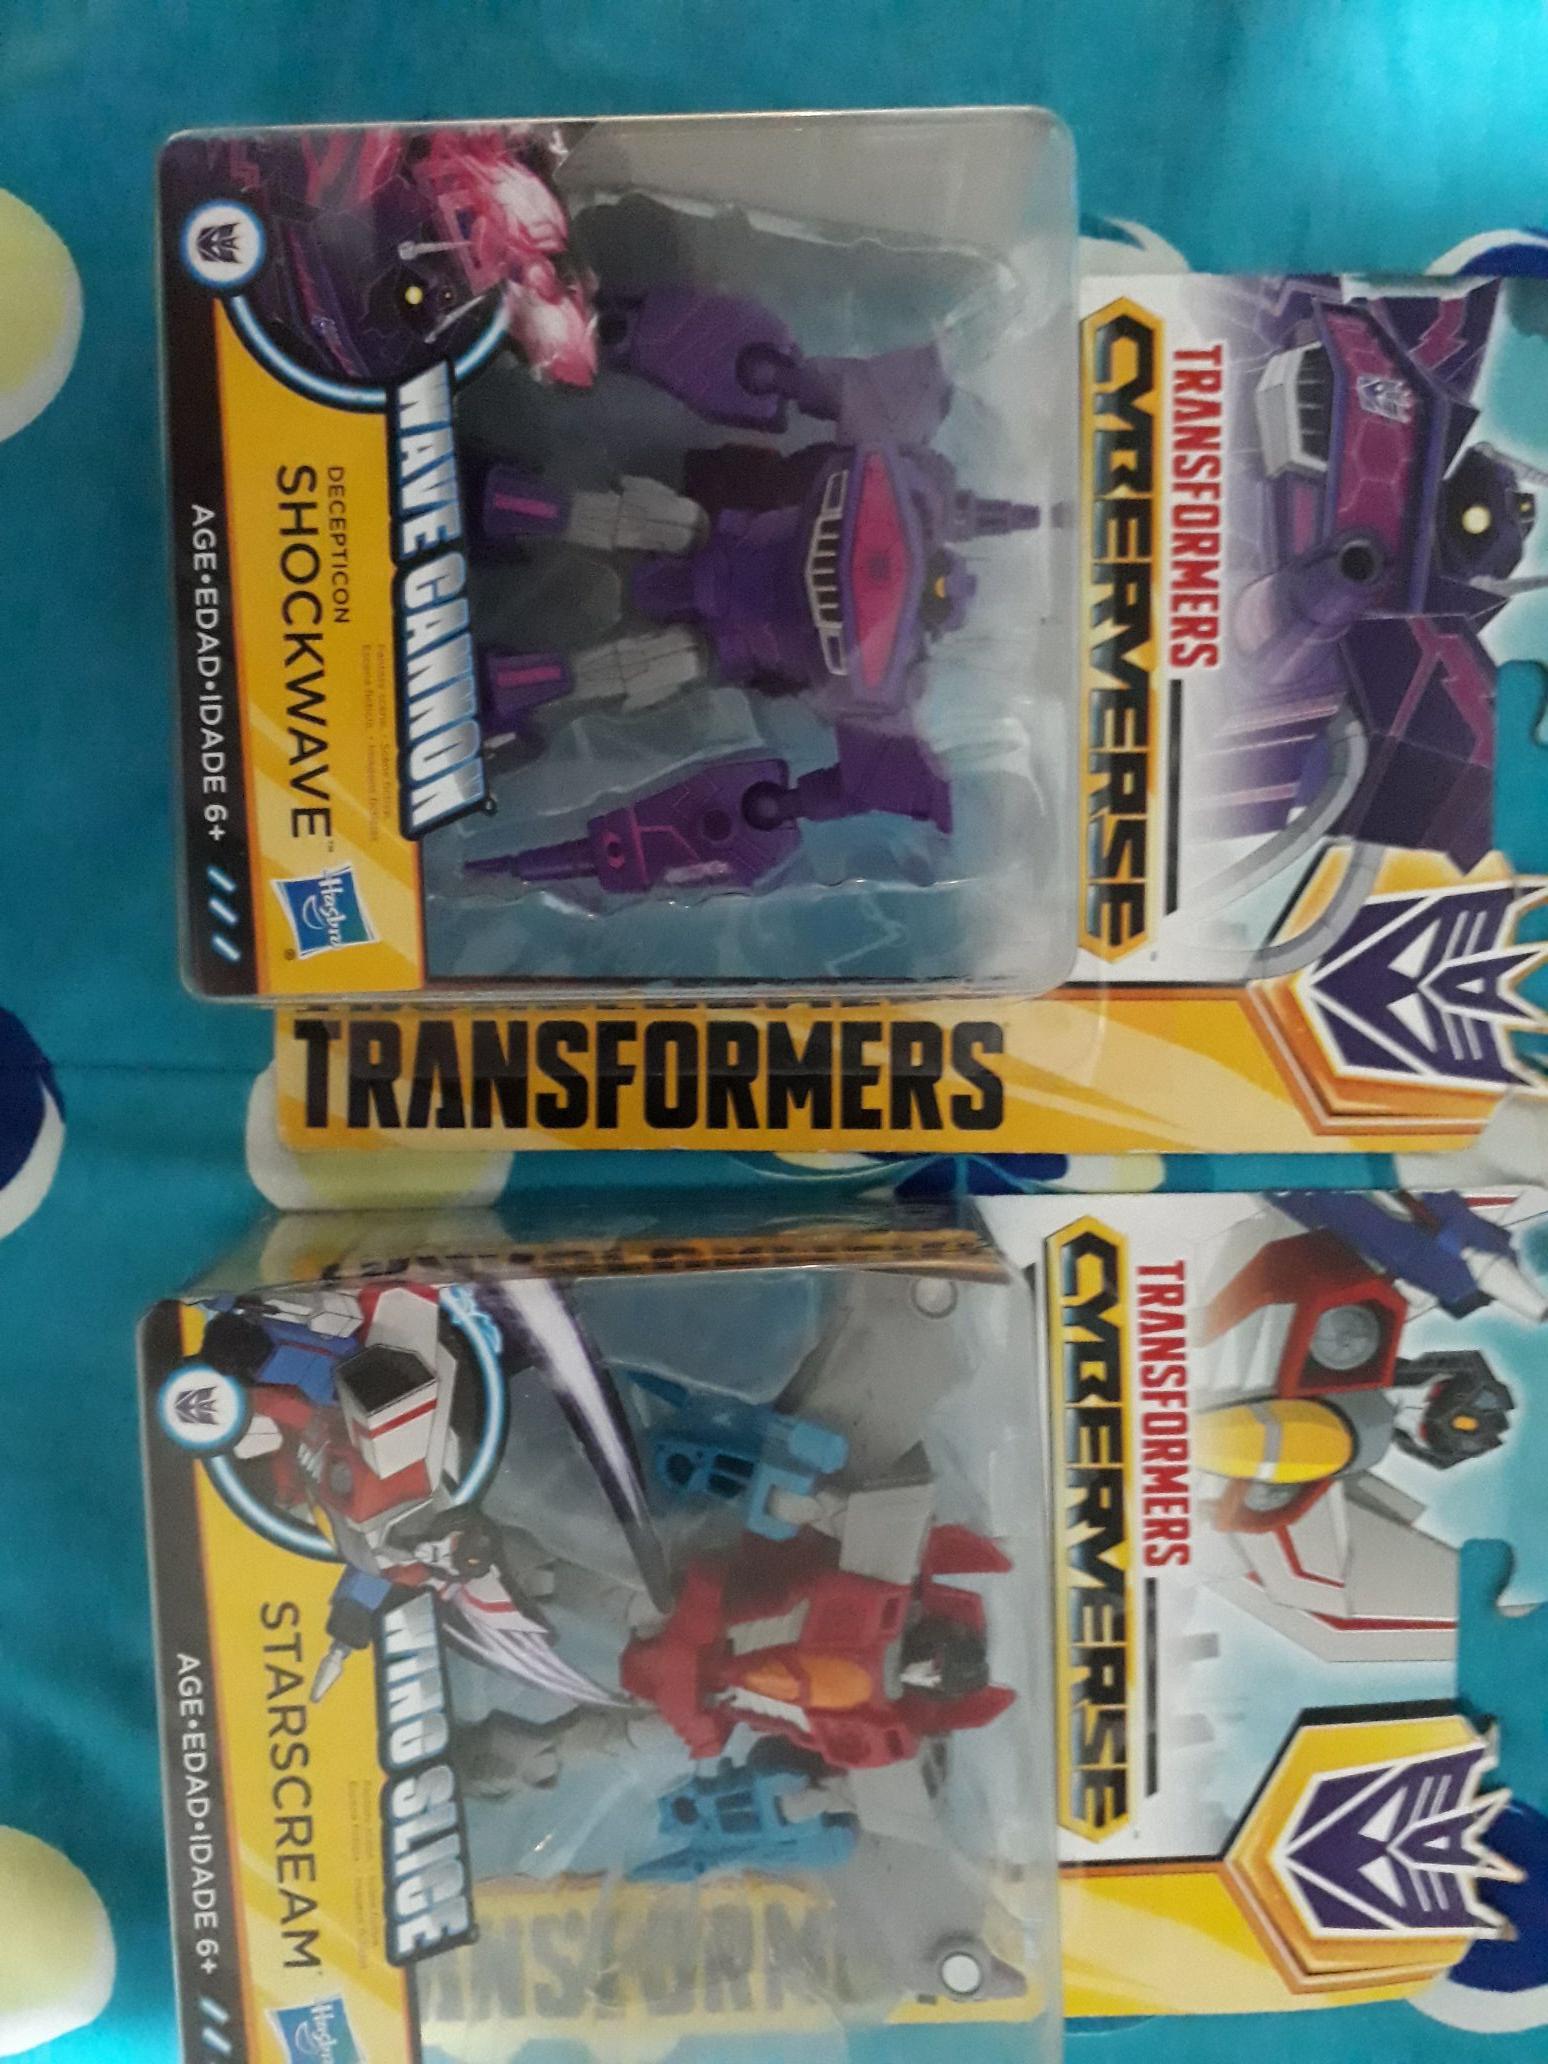 Walmart Galerías, Transformers en 17 pesos